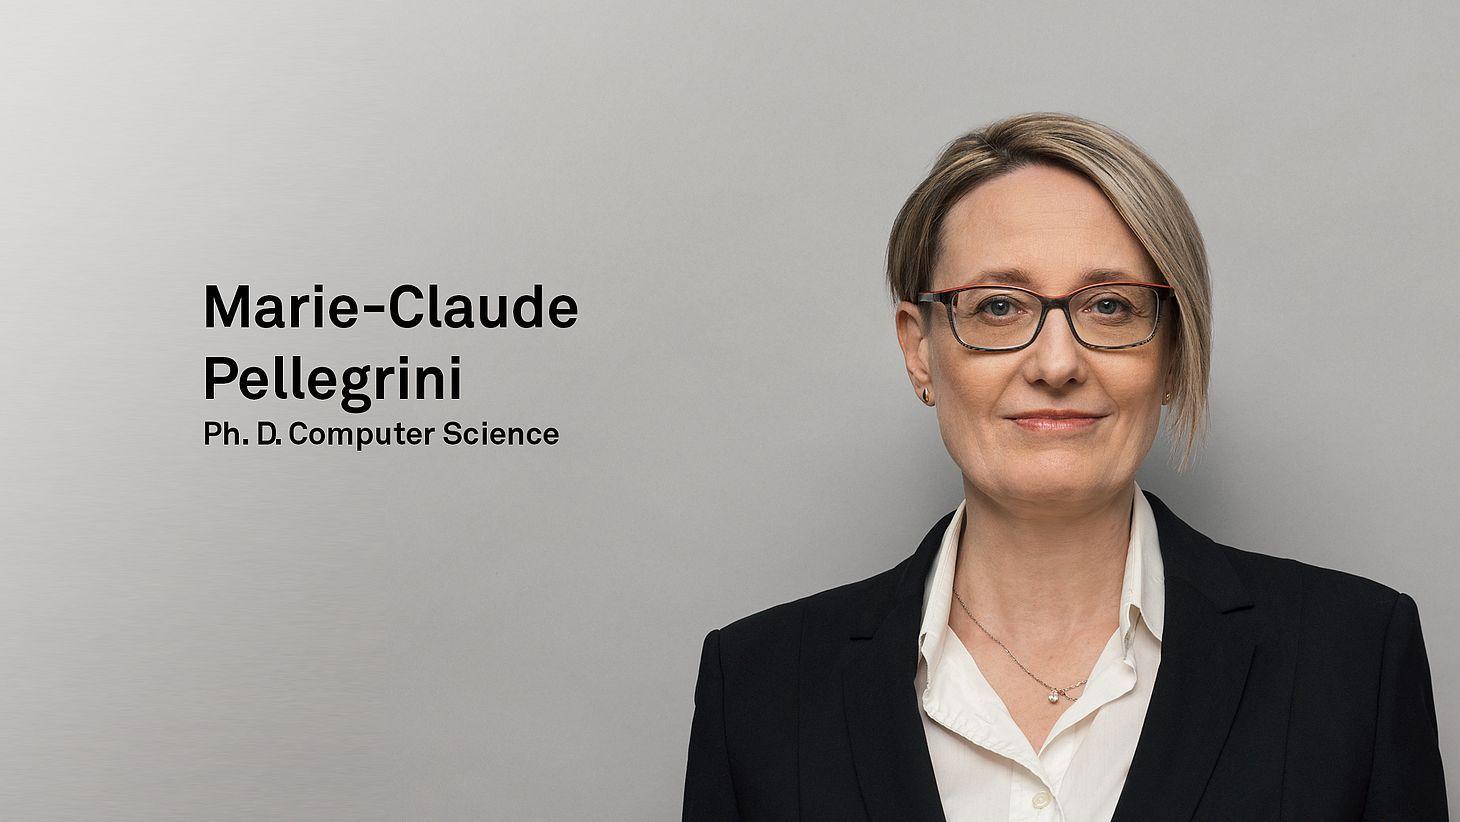 Ph. D. Computer Science Marie-Claude Pellegrini